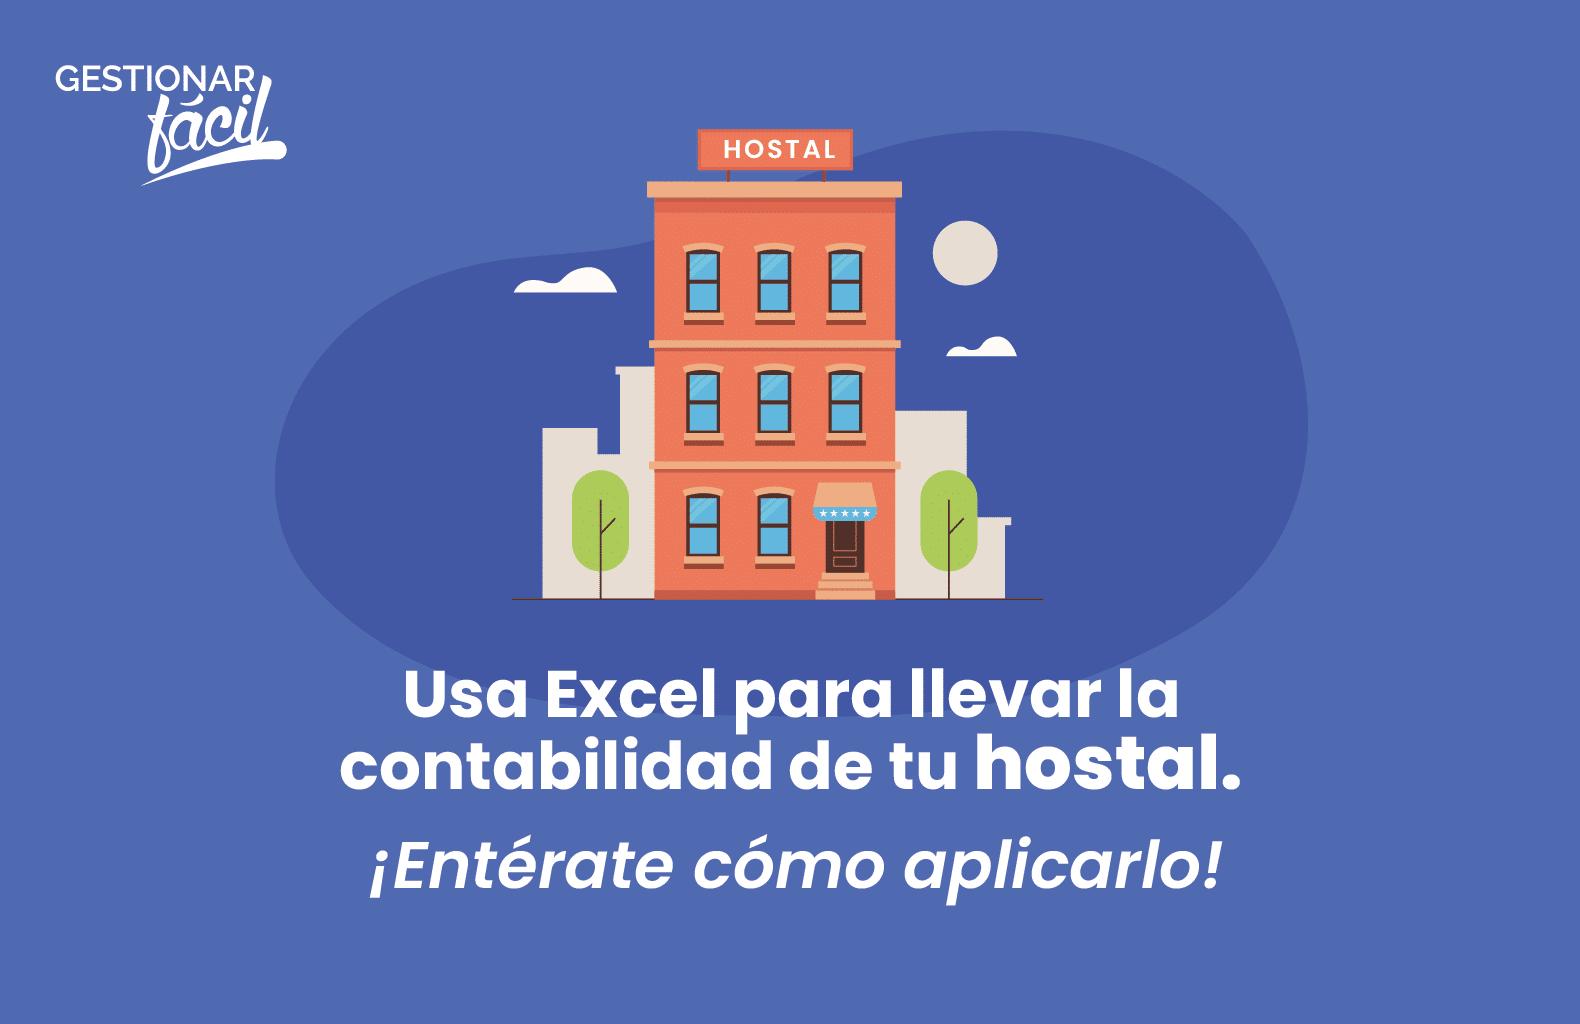 Contabilidad con Excel para un hostal